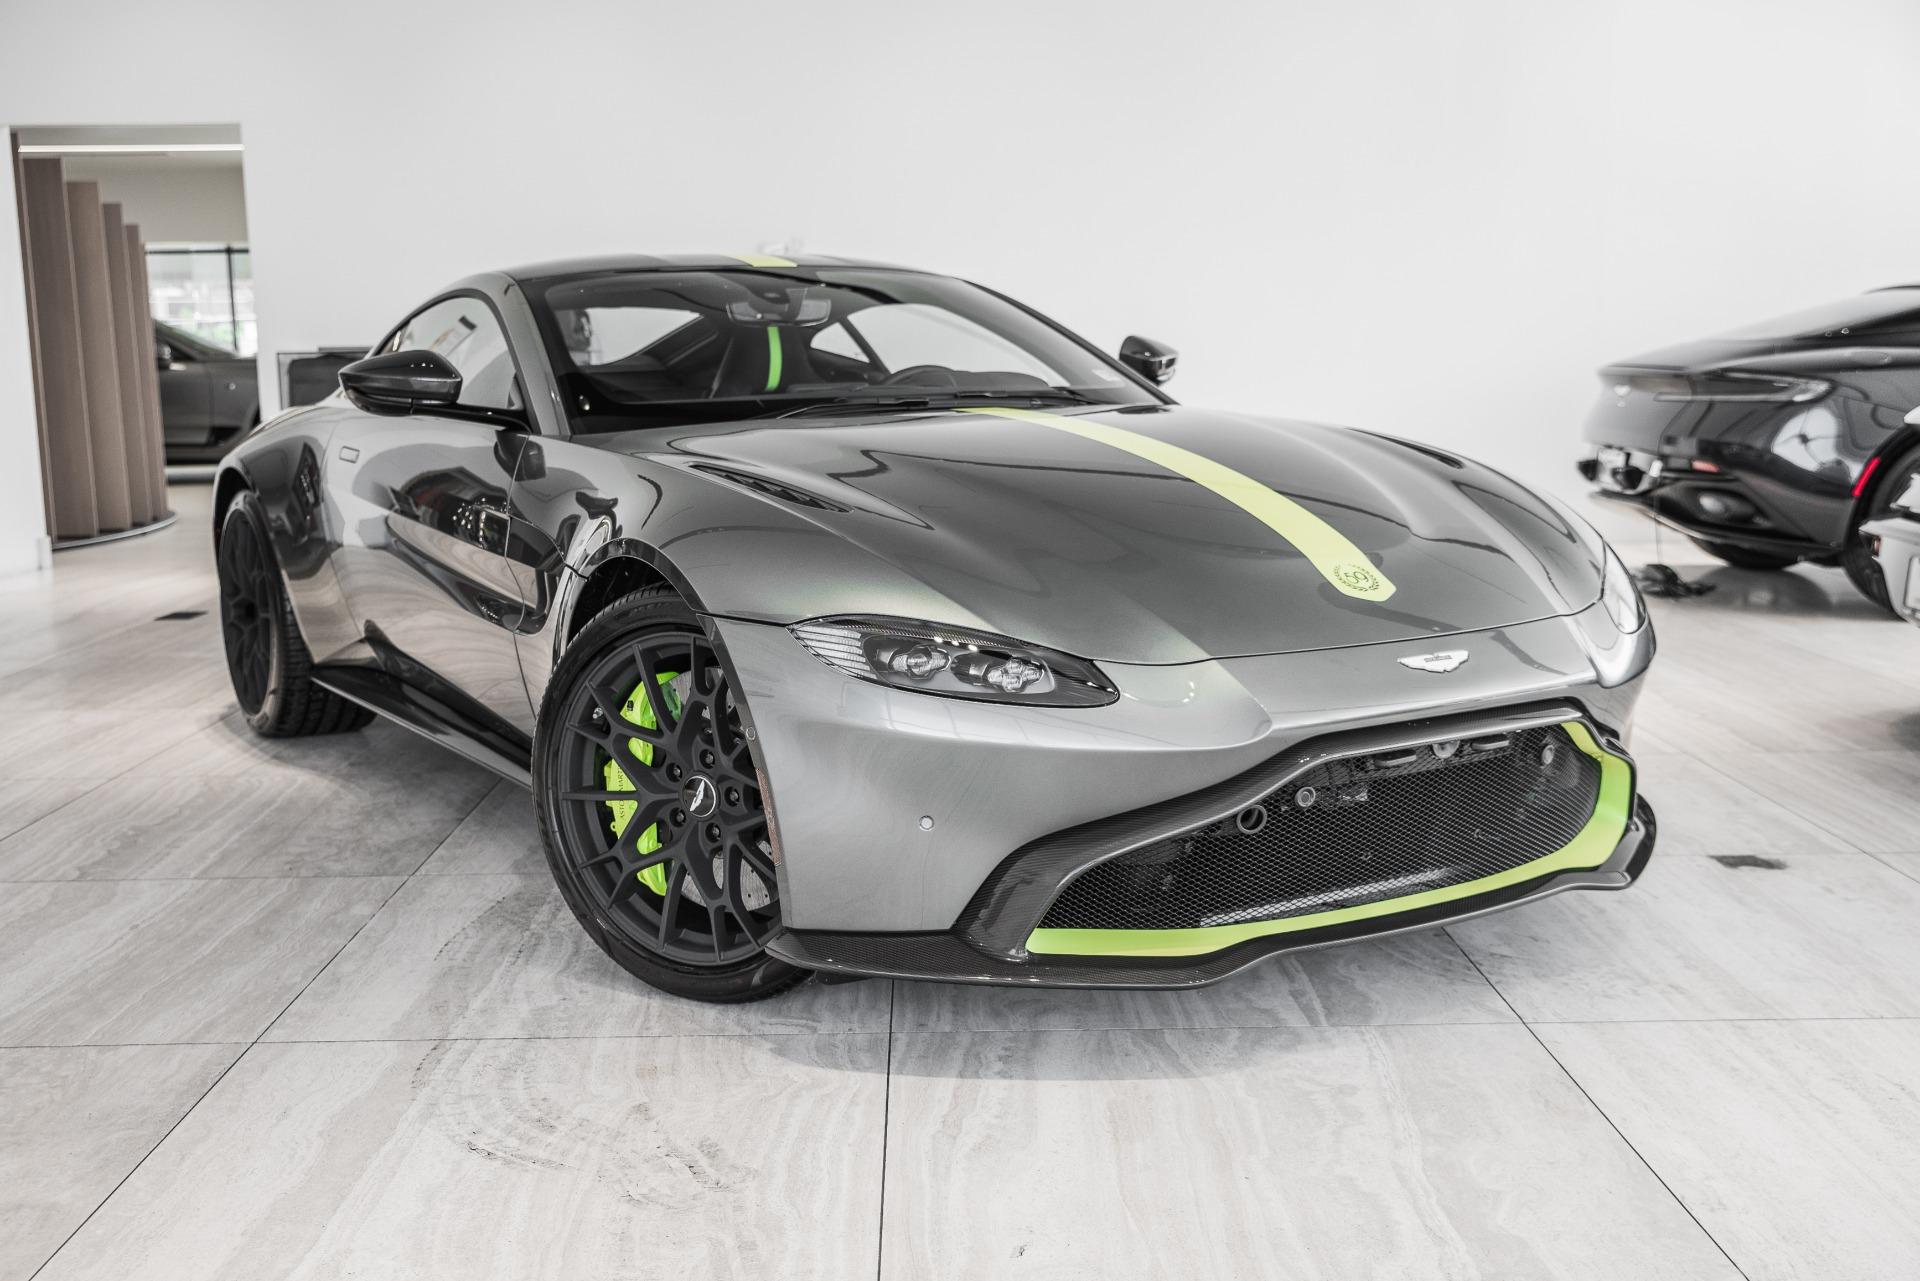 2020 Aston Martin Vantage Amr Stock 20nn04850 For Sale Near Vienna Va Va Aston Martin Dealer For Sale In Vienna Va 20nn04850 Exclusive Automotive Group